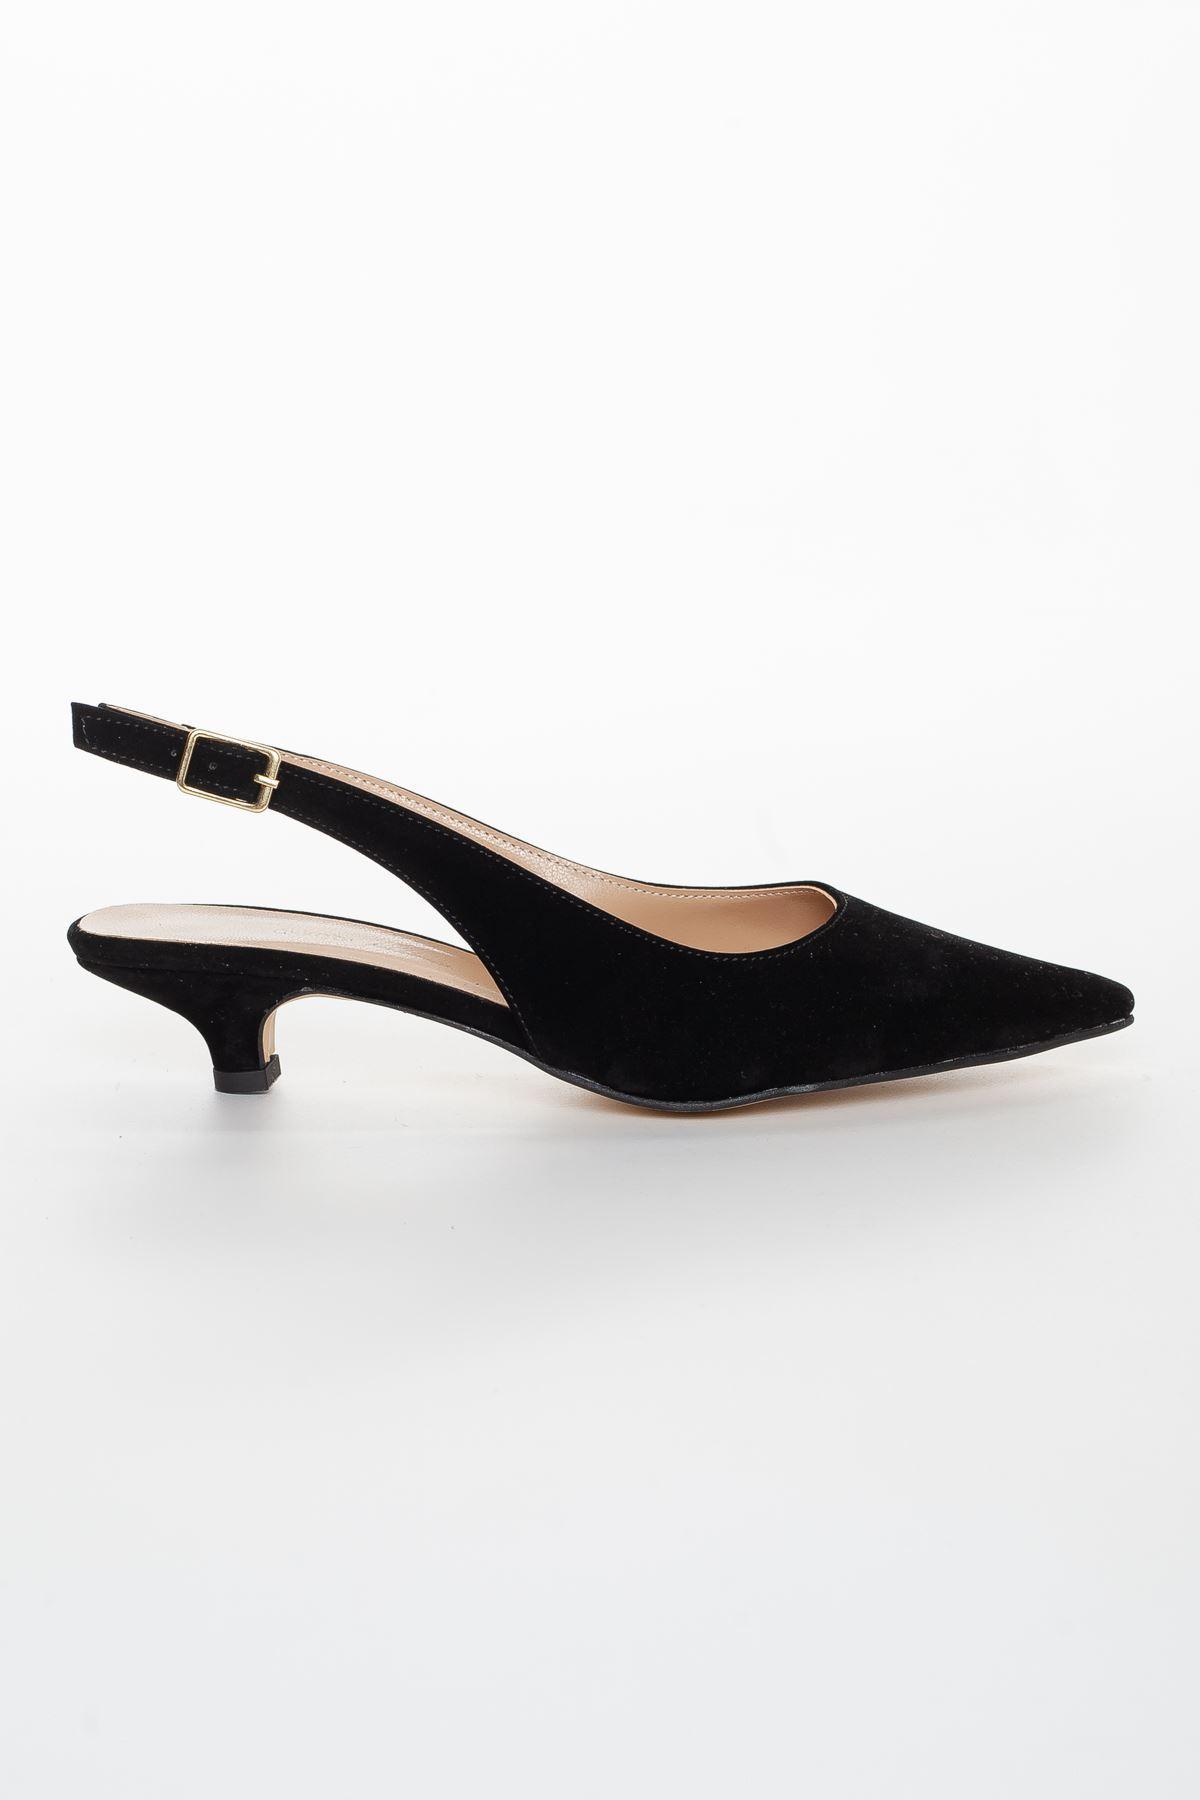 Mira Topuklu Ayakkabı SİYAH SÜET